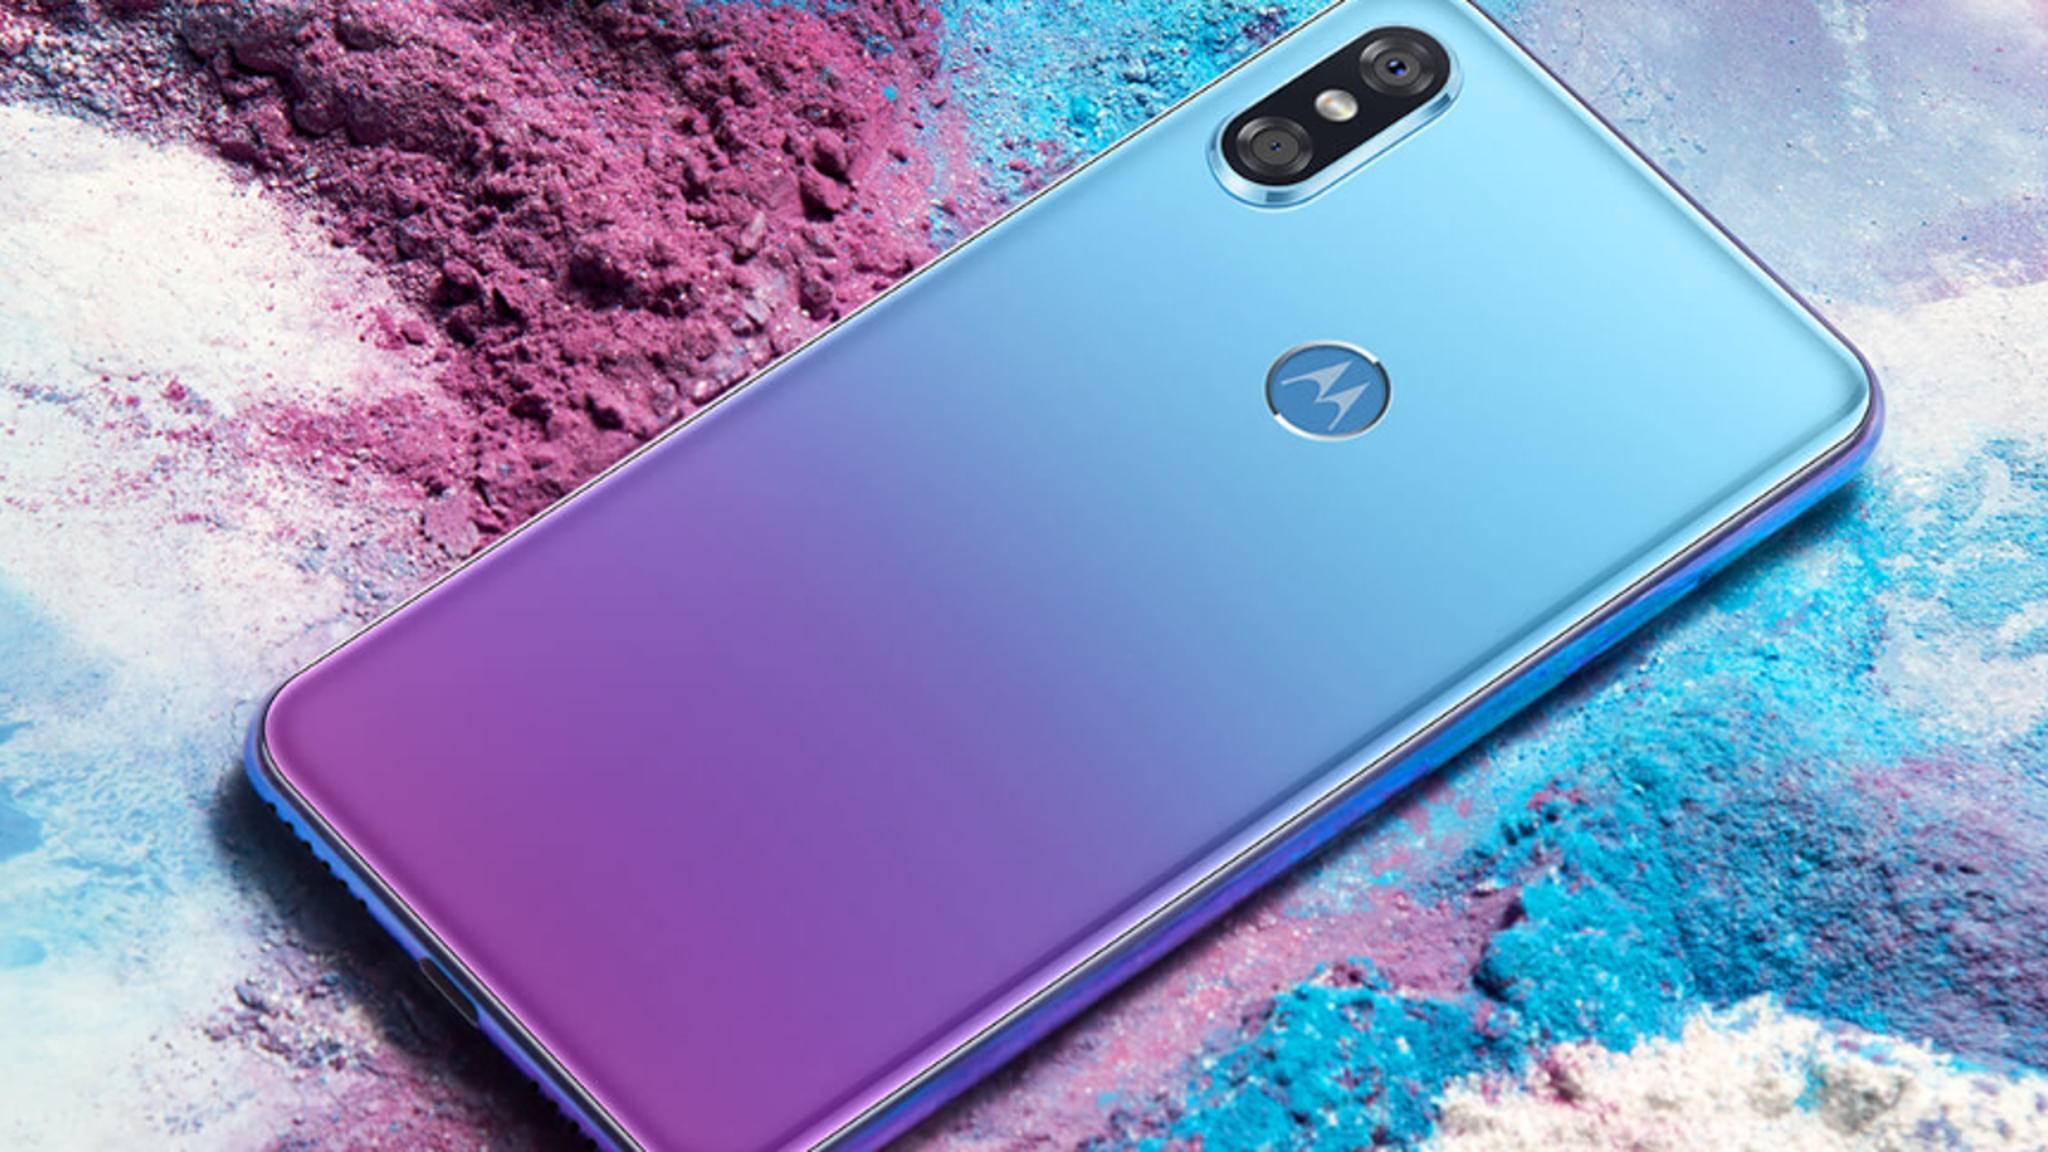 Das Motorola P30 erscheint auch in der schicken Farbvariante Aurora.